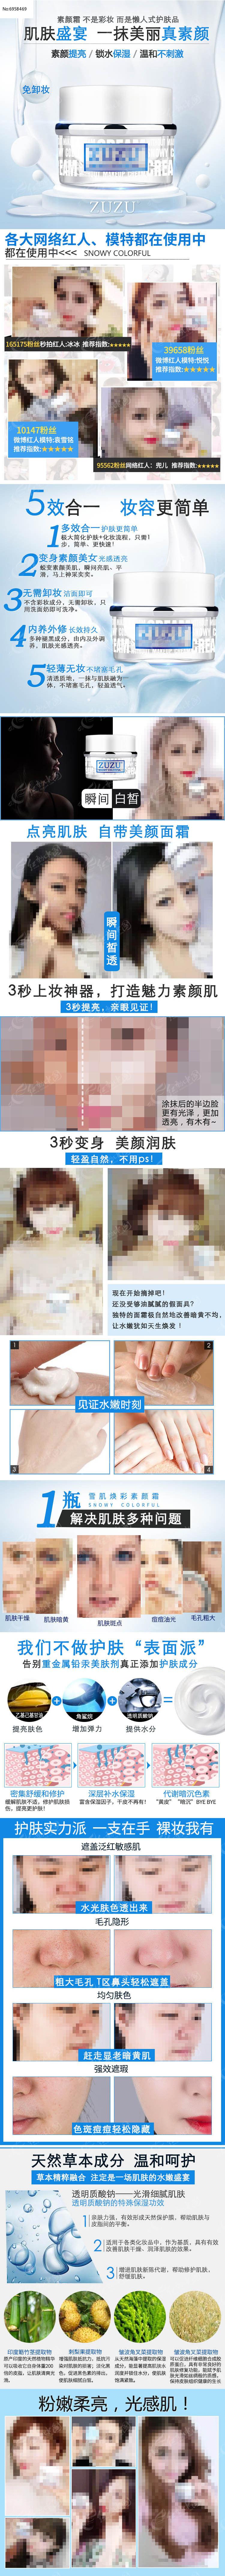 淘宝化妆品素颜霜宝贝描述模板图片